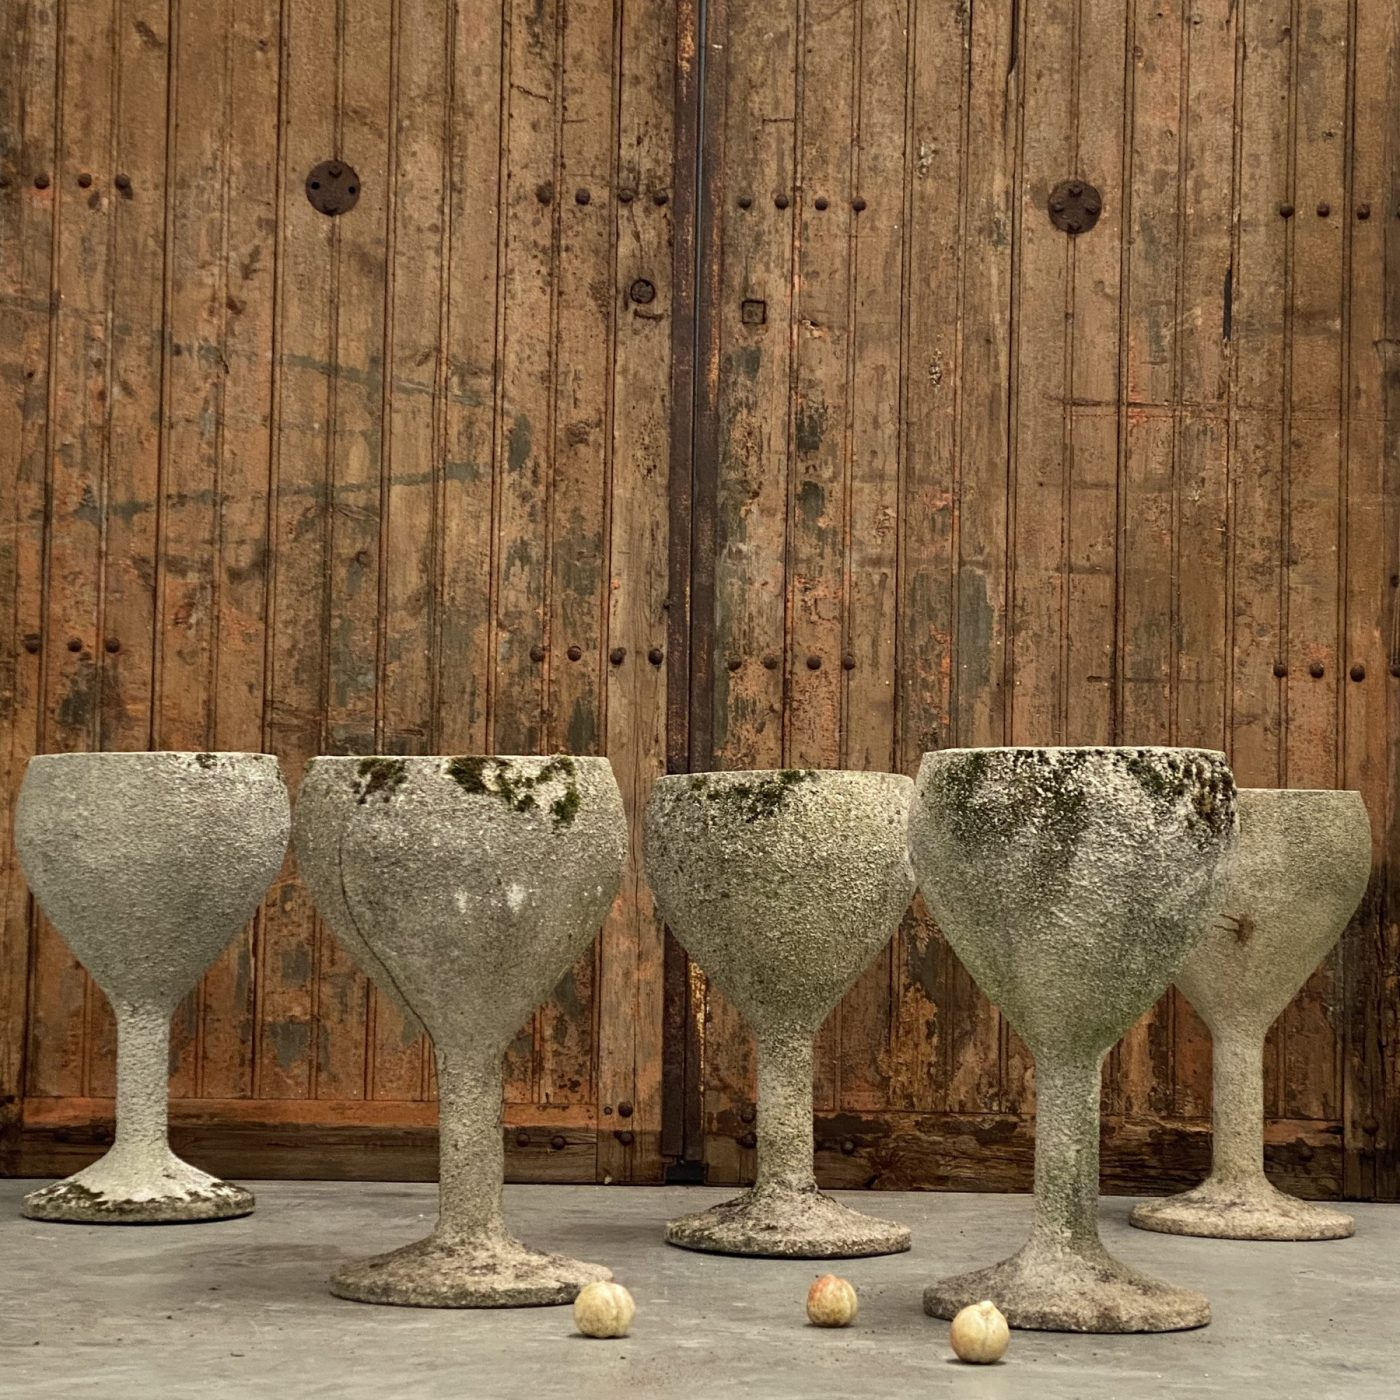 objet-vagabond-concrete-planters0005